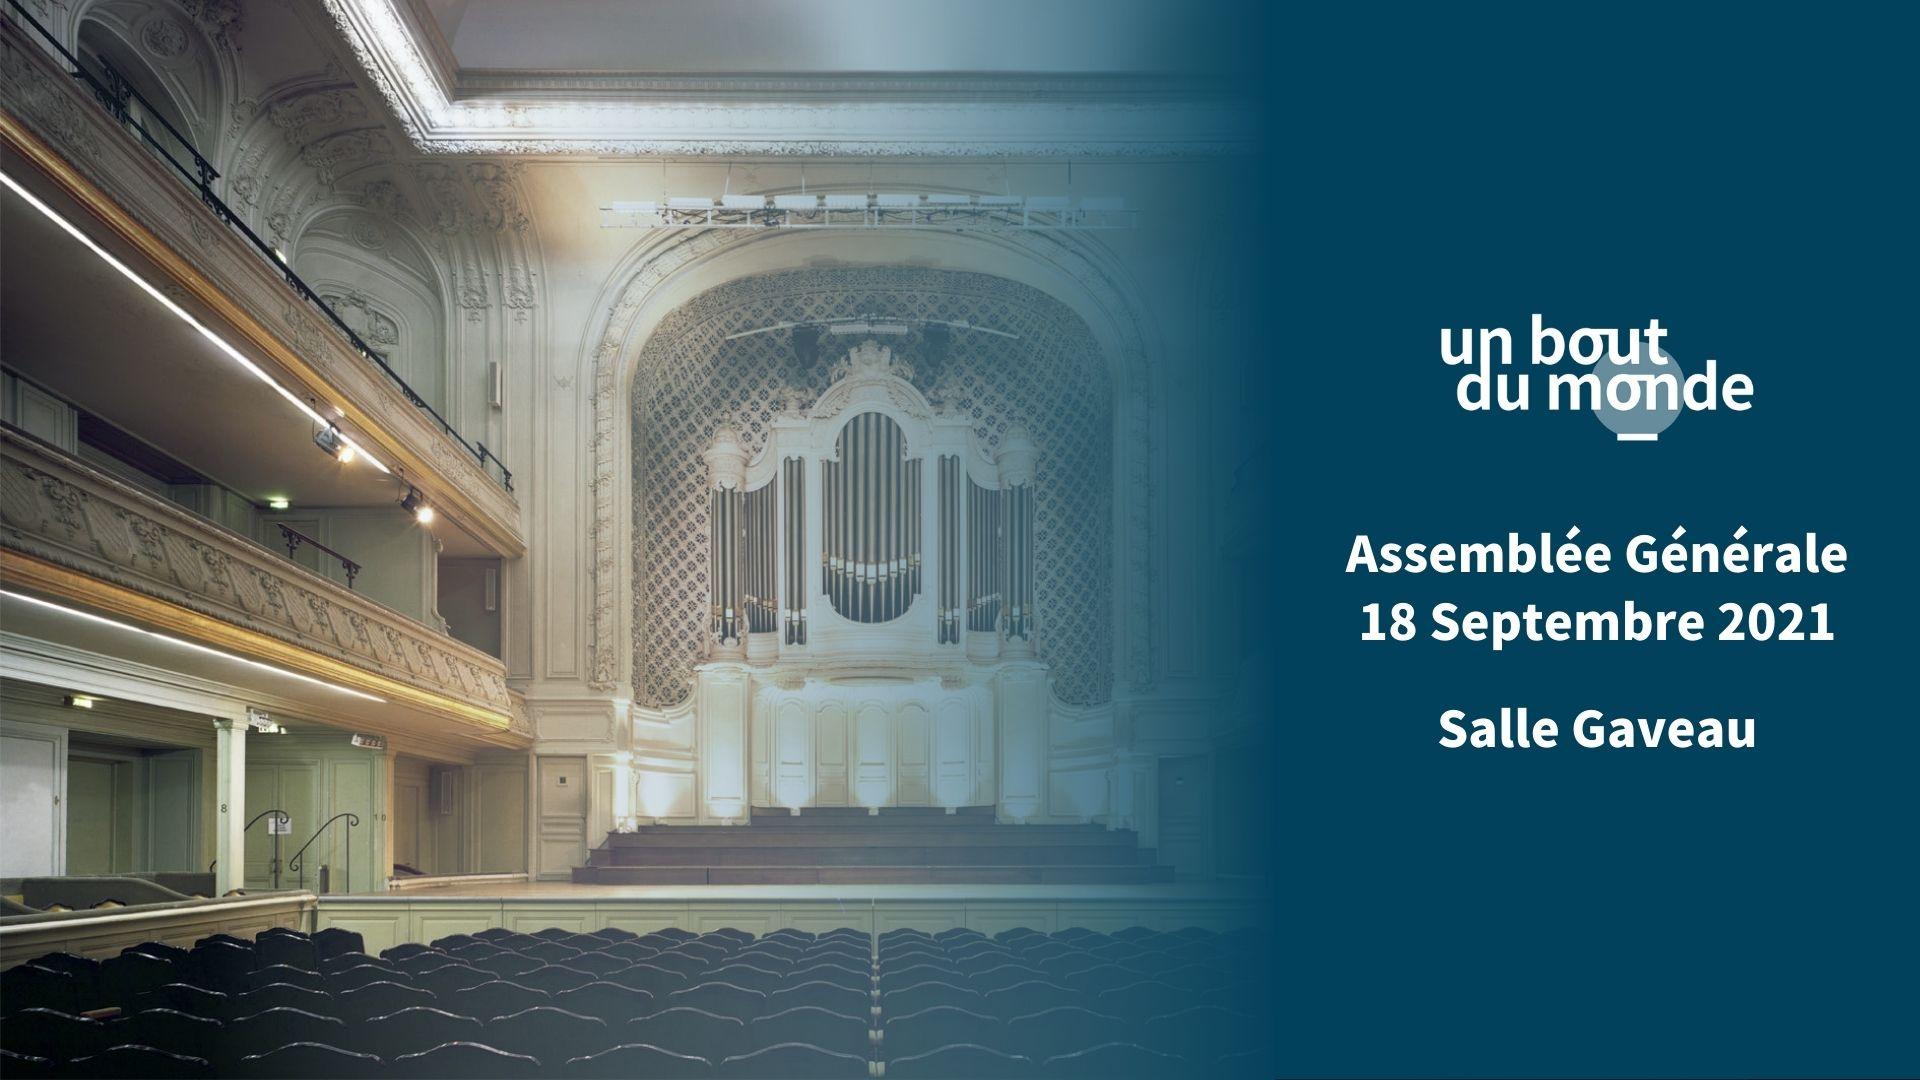 L'AG de l'association Un Bout du Monde se tiendra en Salle Gaveau le 18/09, ainsi qu'en direct sur Internet.